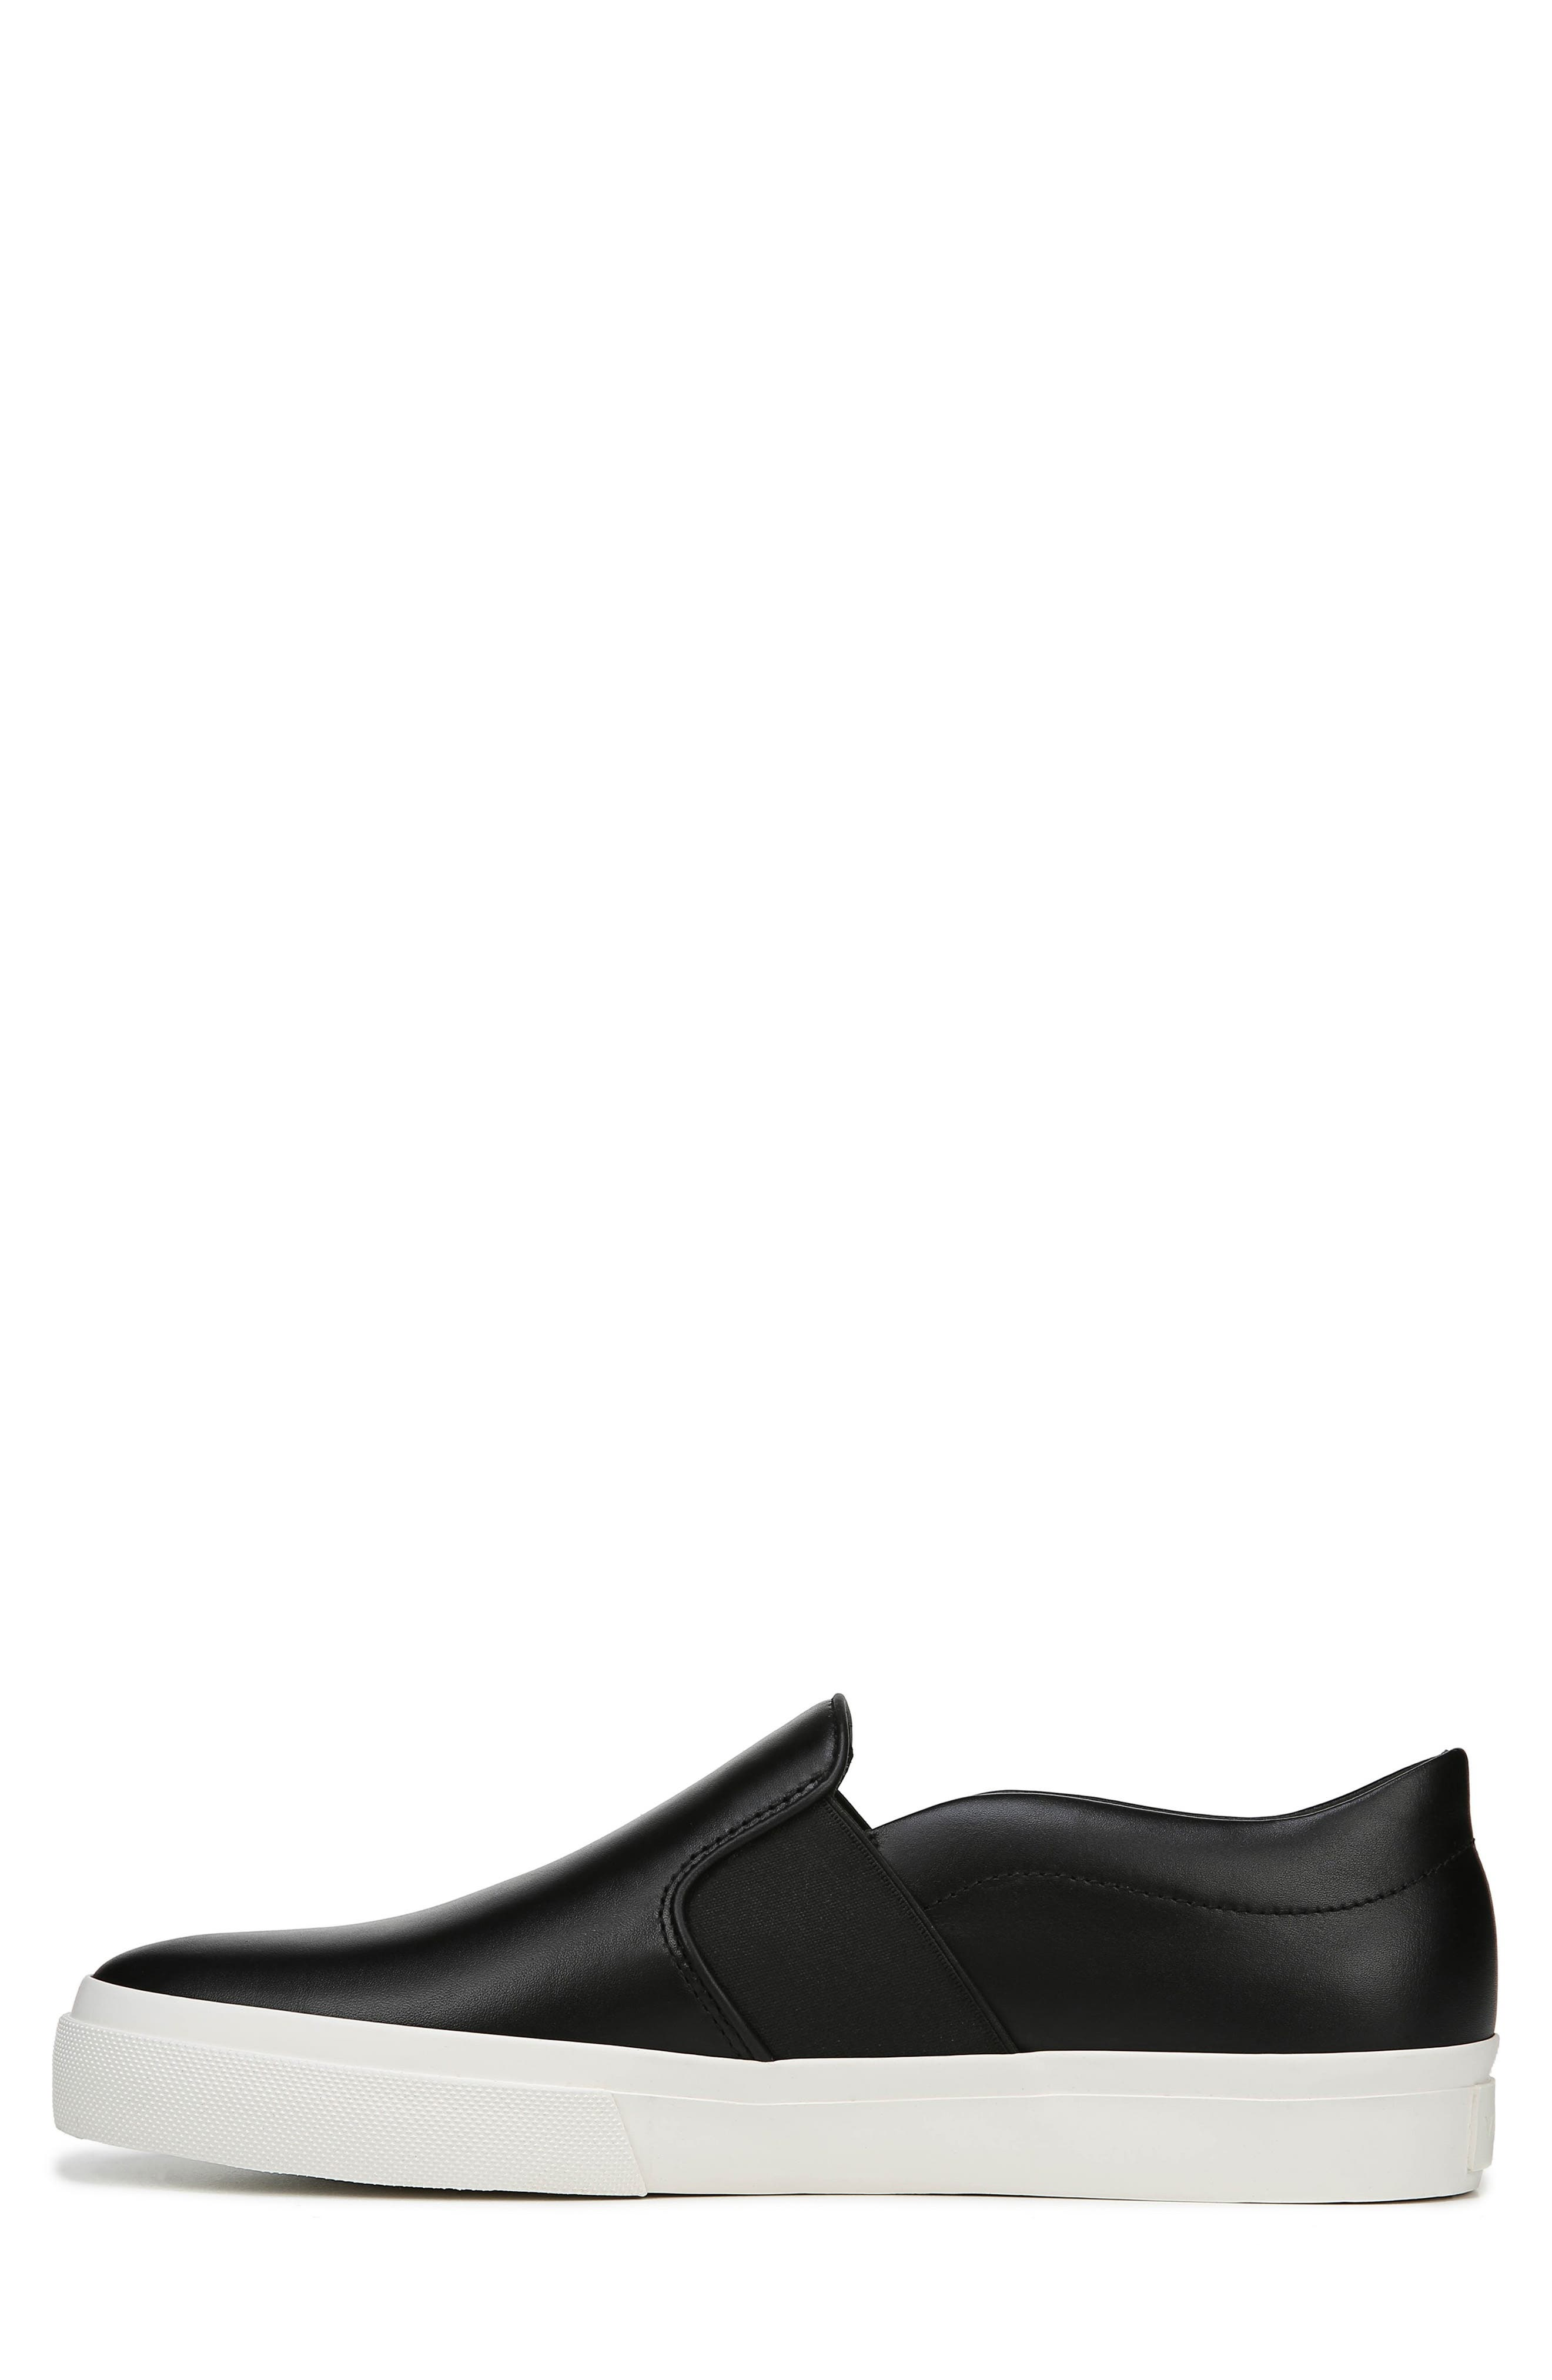 Fenton Slip-On  Sneaker,                             Alternate thumbnail 8, color,                             BLACK/ BLACK